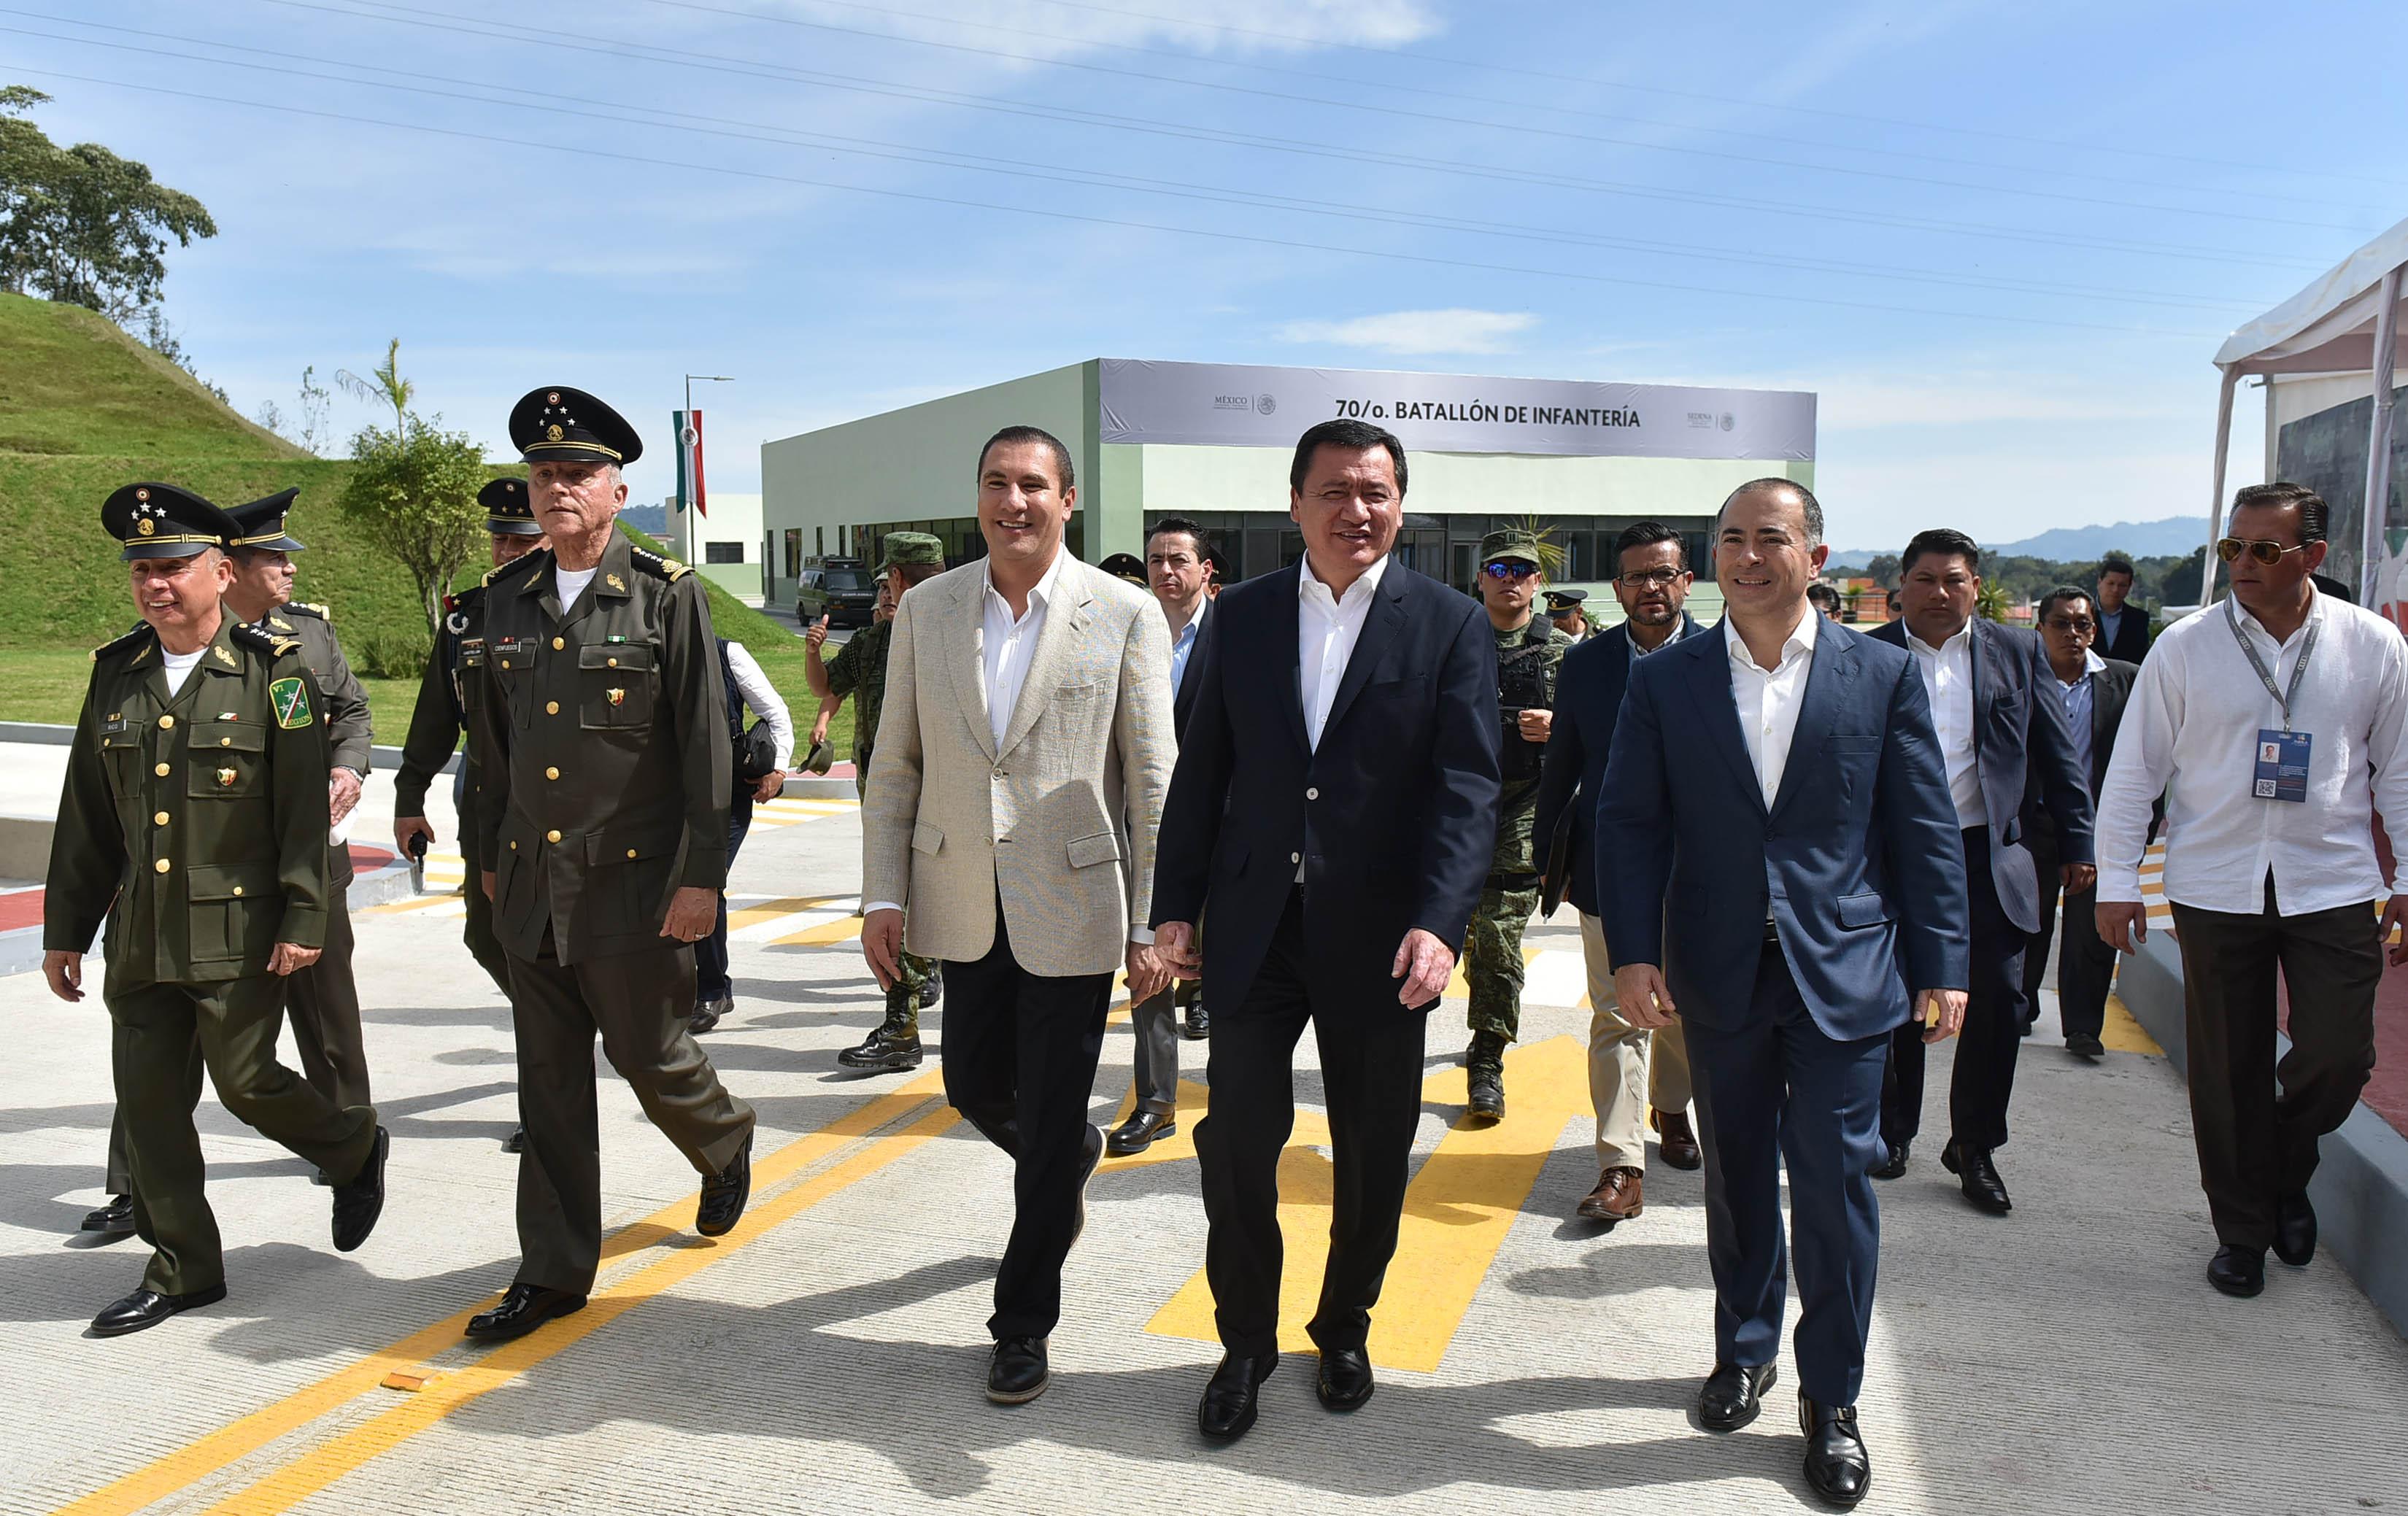 Acompañado del Secretario de la Defensa Nacional, General Salvador Cienfuegos Zepeda, inaugura en este municipio las Instalaciones del 70° Batallón de Infantería